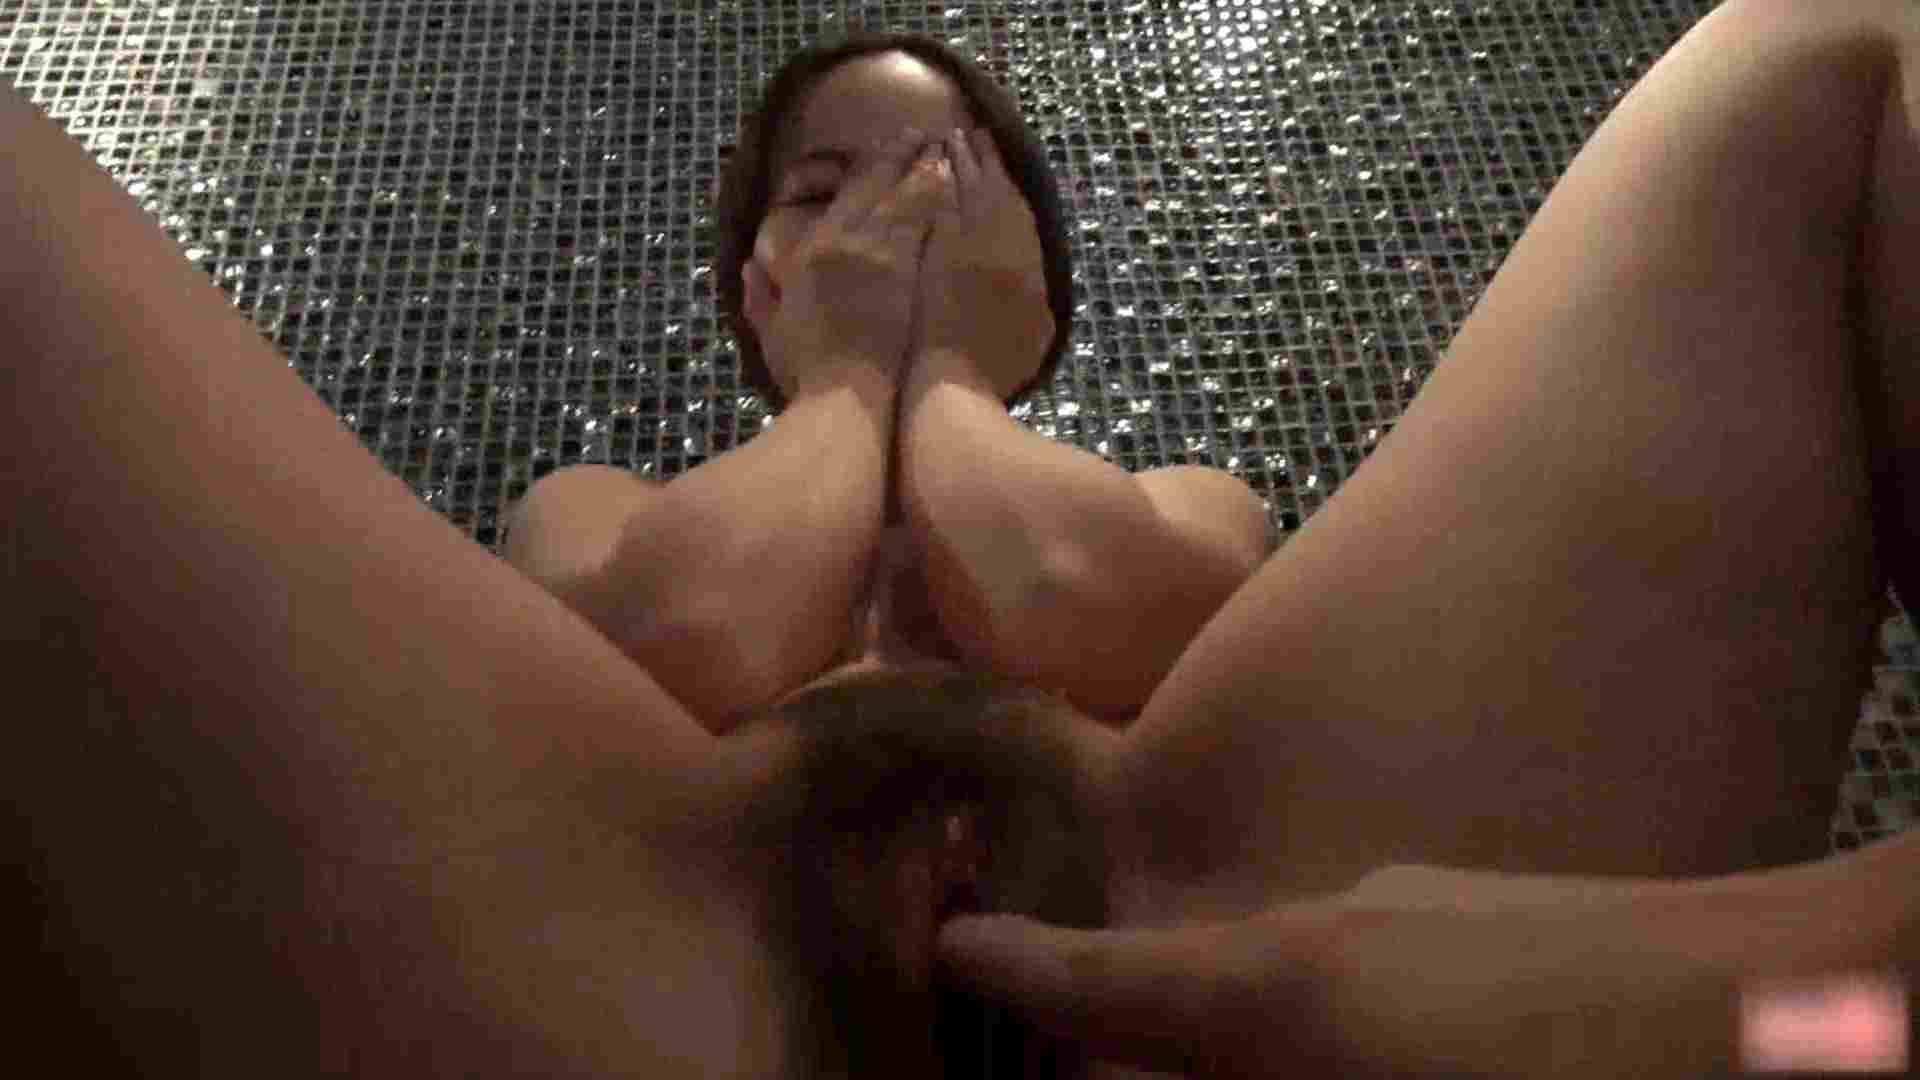 おしえてギャル子のH塾 Vol.28 前編 ギャル盗撮映像 セックス画像 70PIX 37